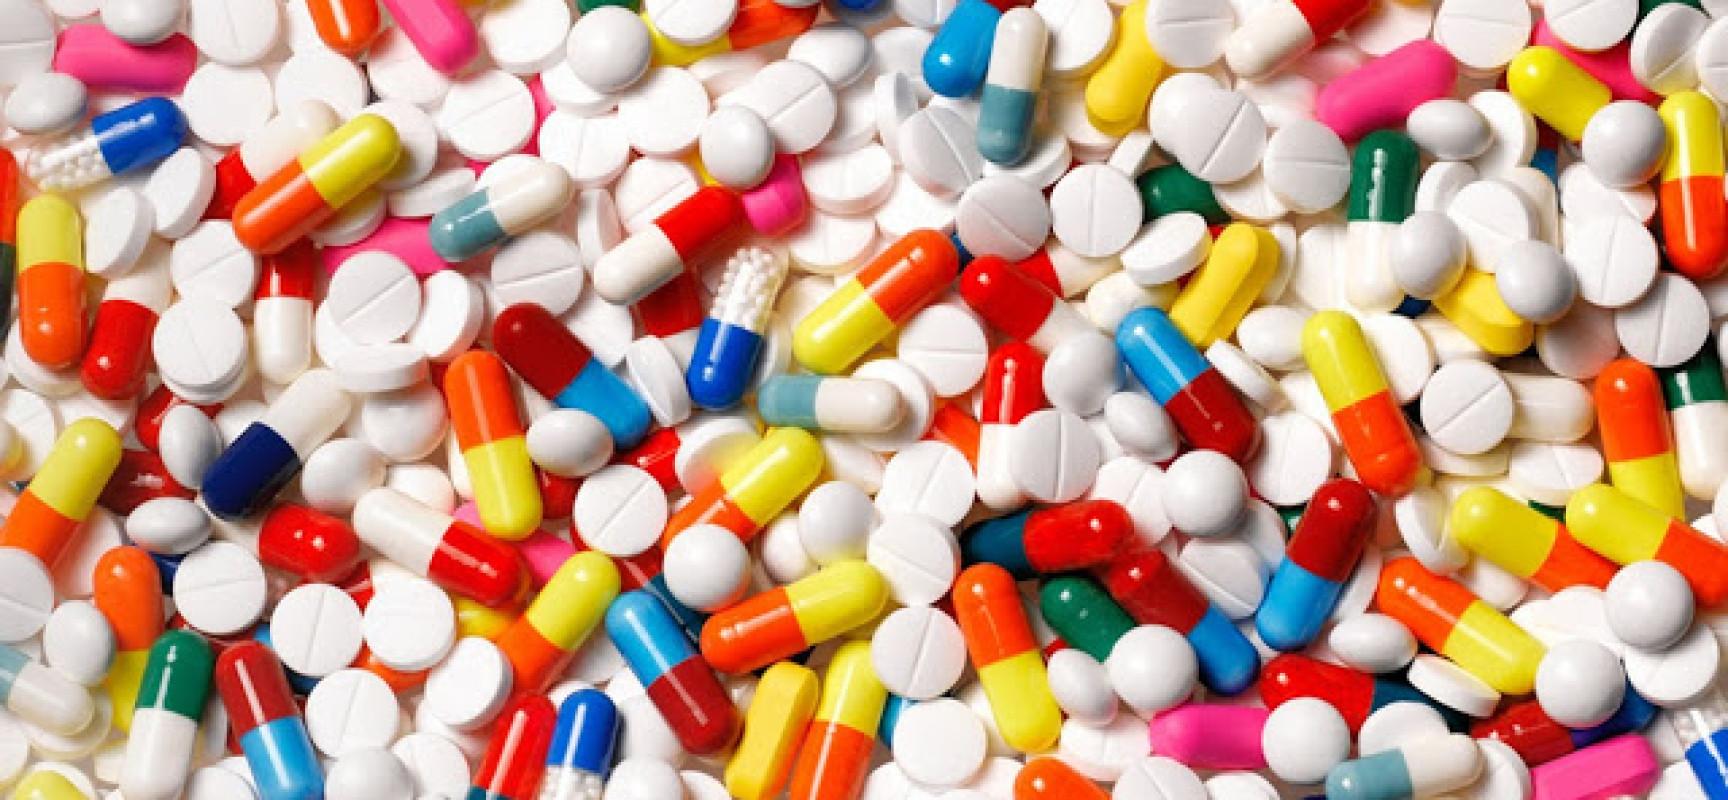 Un analgésique non addictif plus puissant que la morphine créé par les scientifiques russes